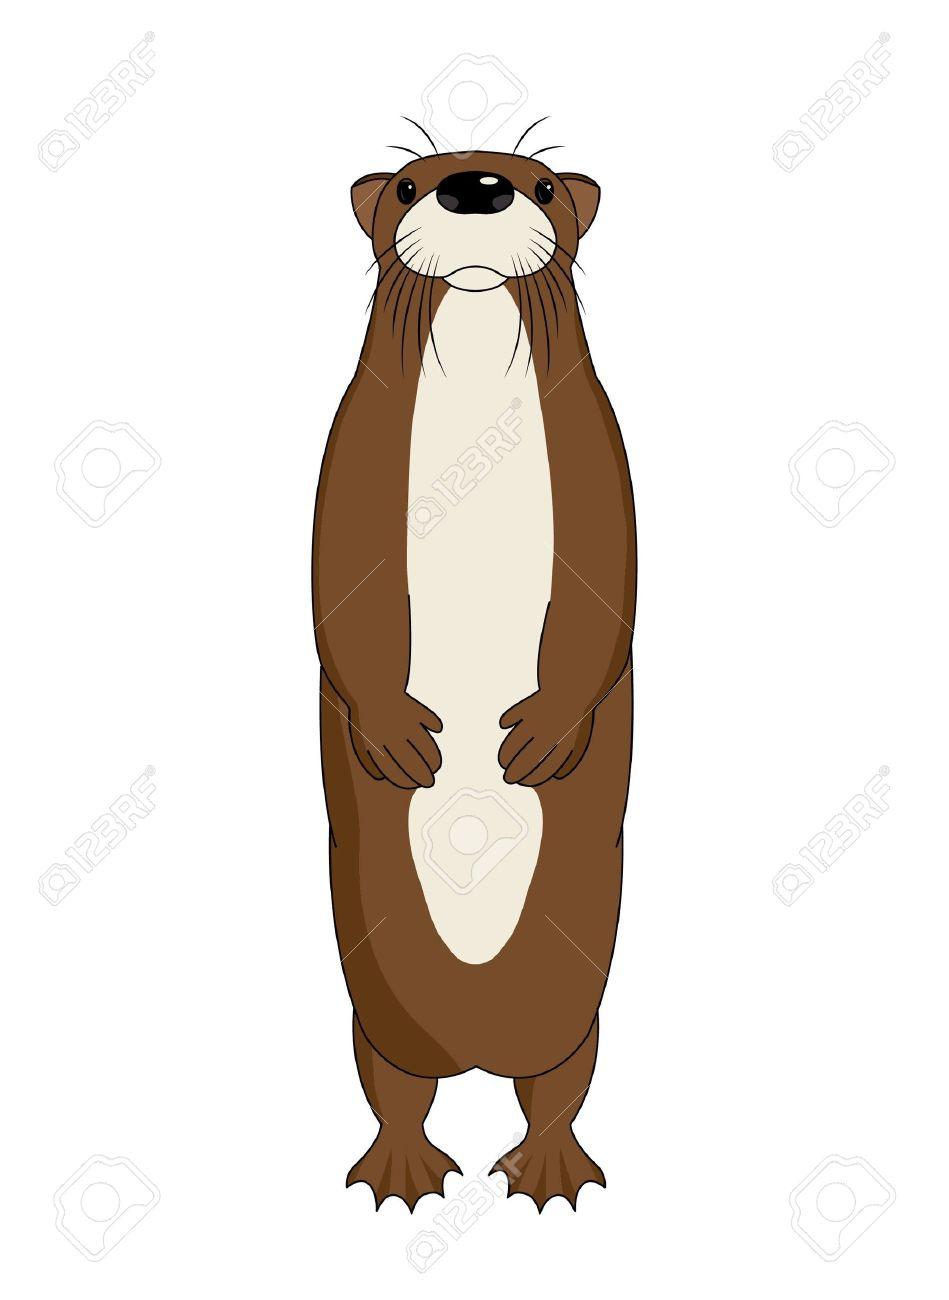 Funny cartoon otter, vector illustration Stock Vector - 13484865